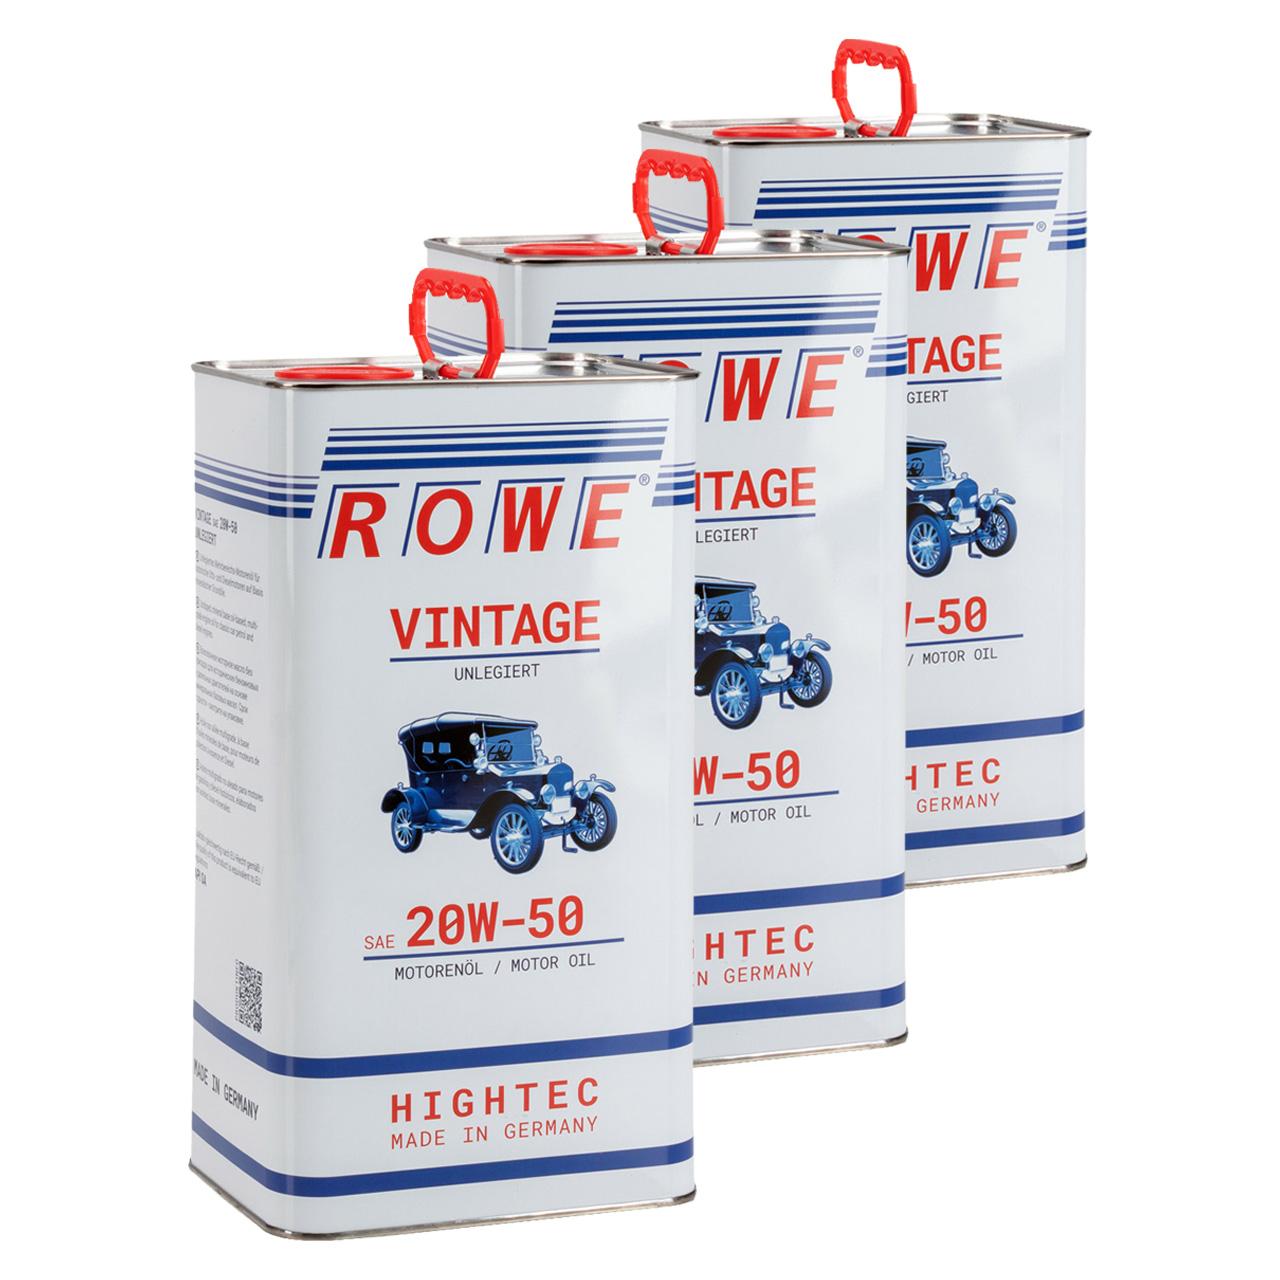 15 Liter ROWE Motoröl Öl VINTAGE Unlegiert SAE 20W50 Oldtimer Mehrbereichs-Öl